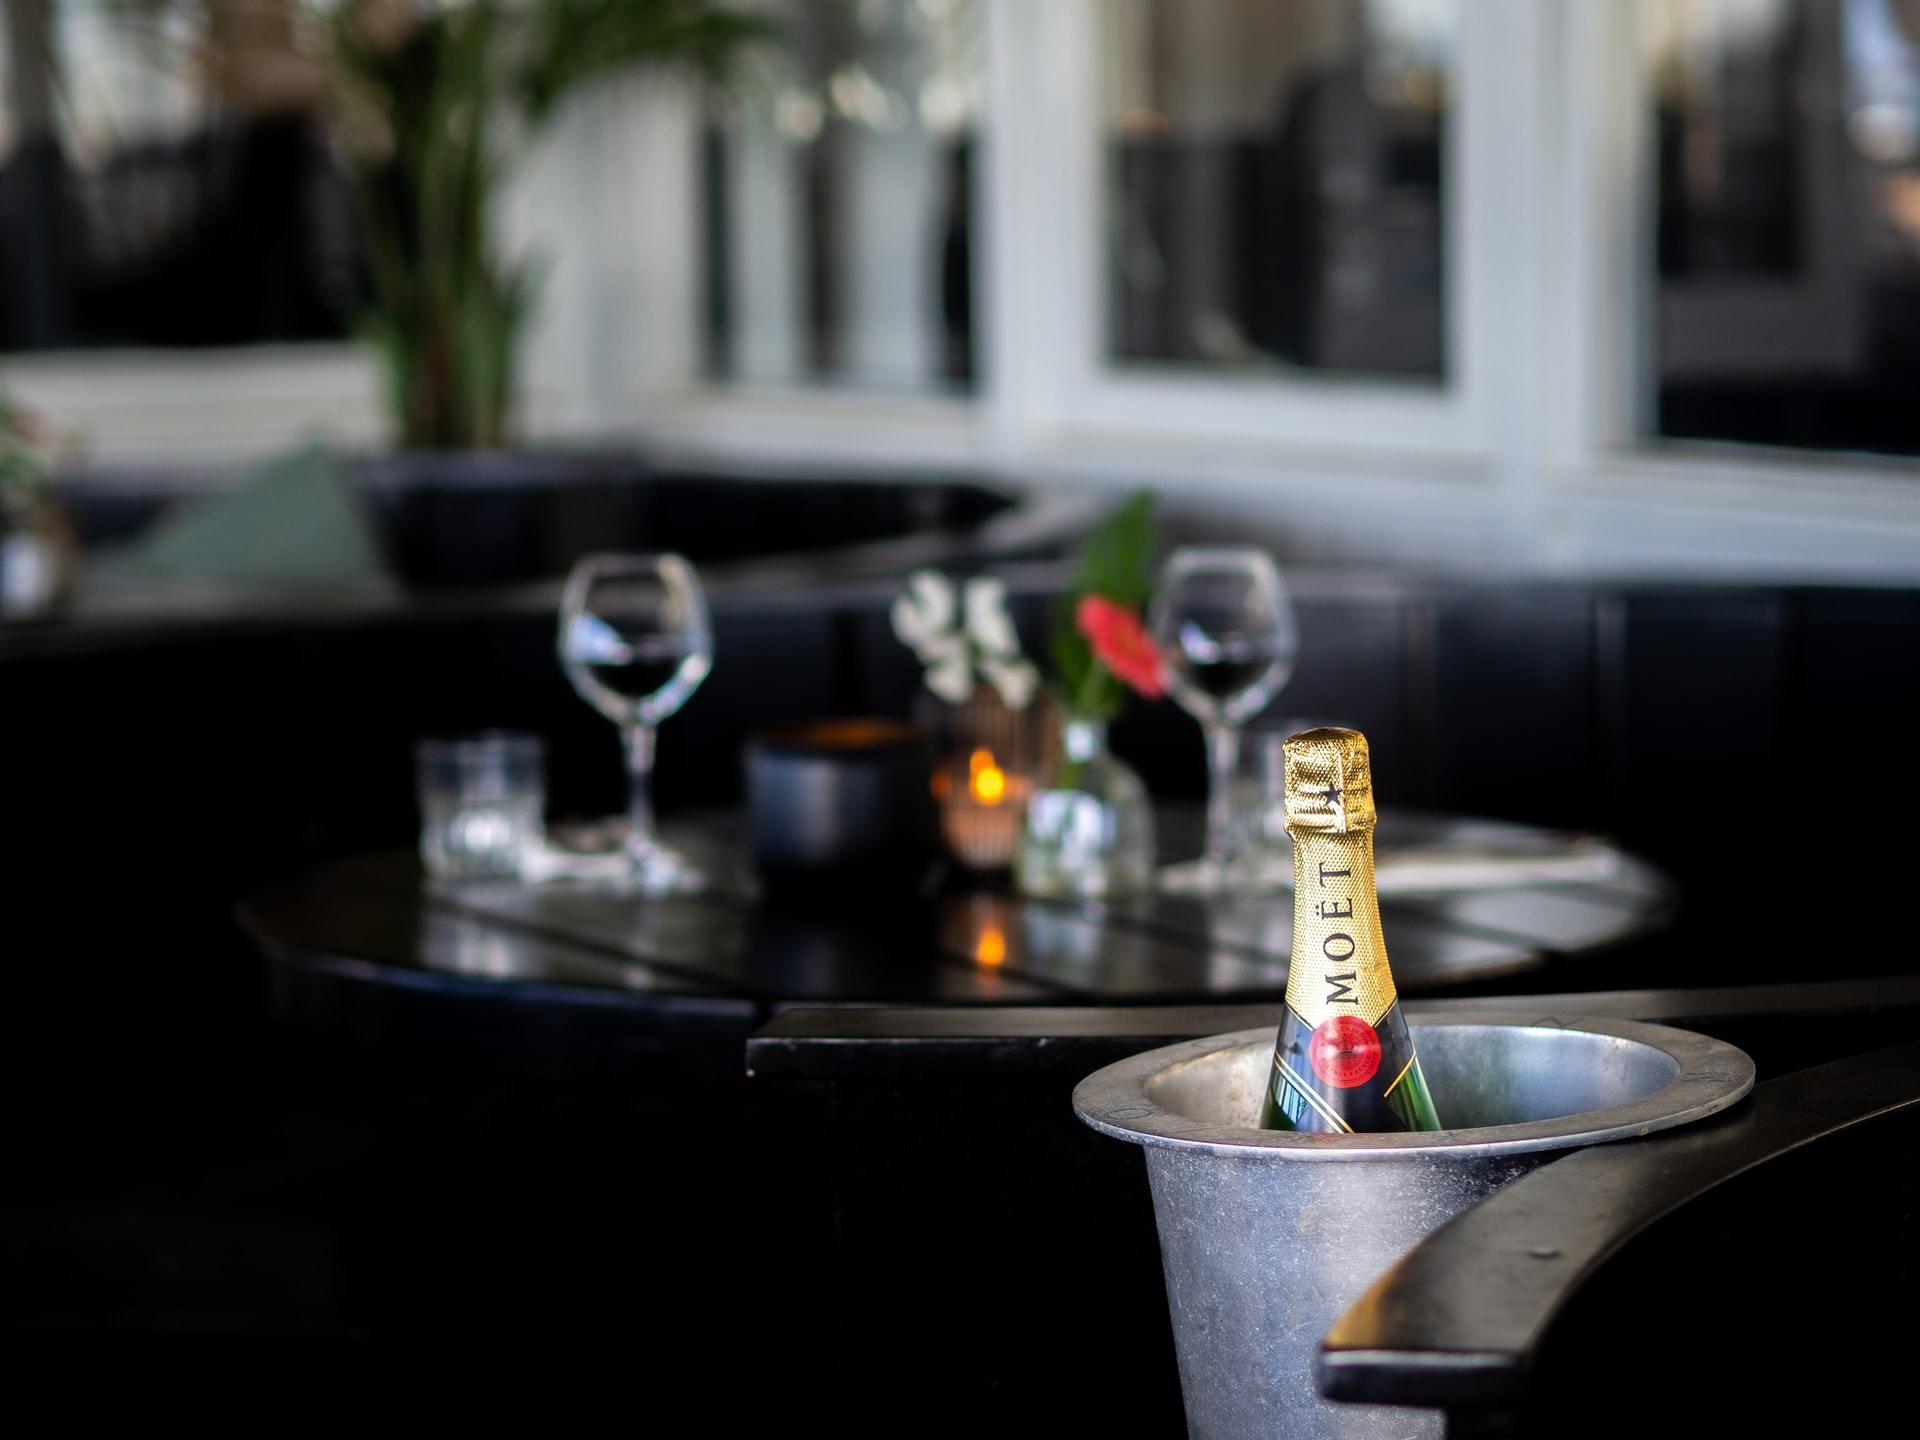 レストランのテーブルの上に置かれたワインボトルとグラス